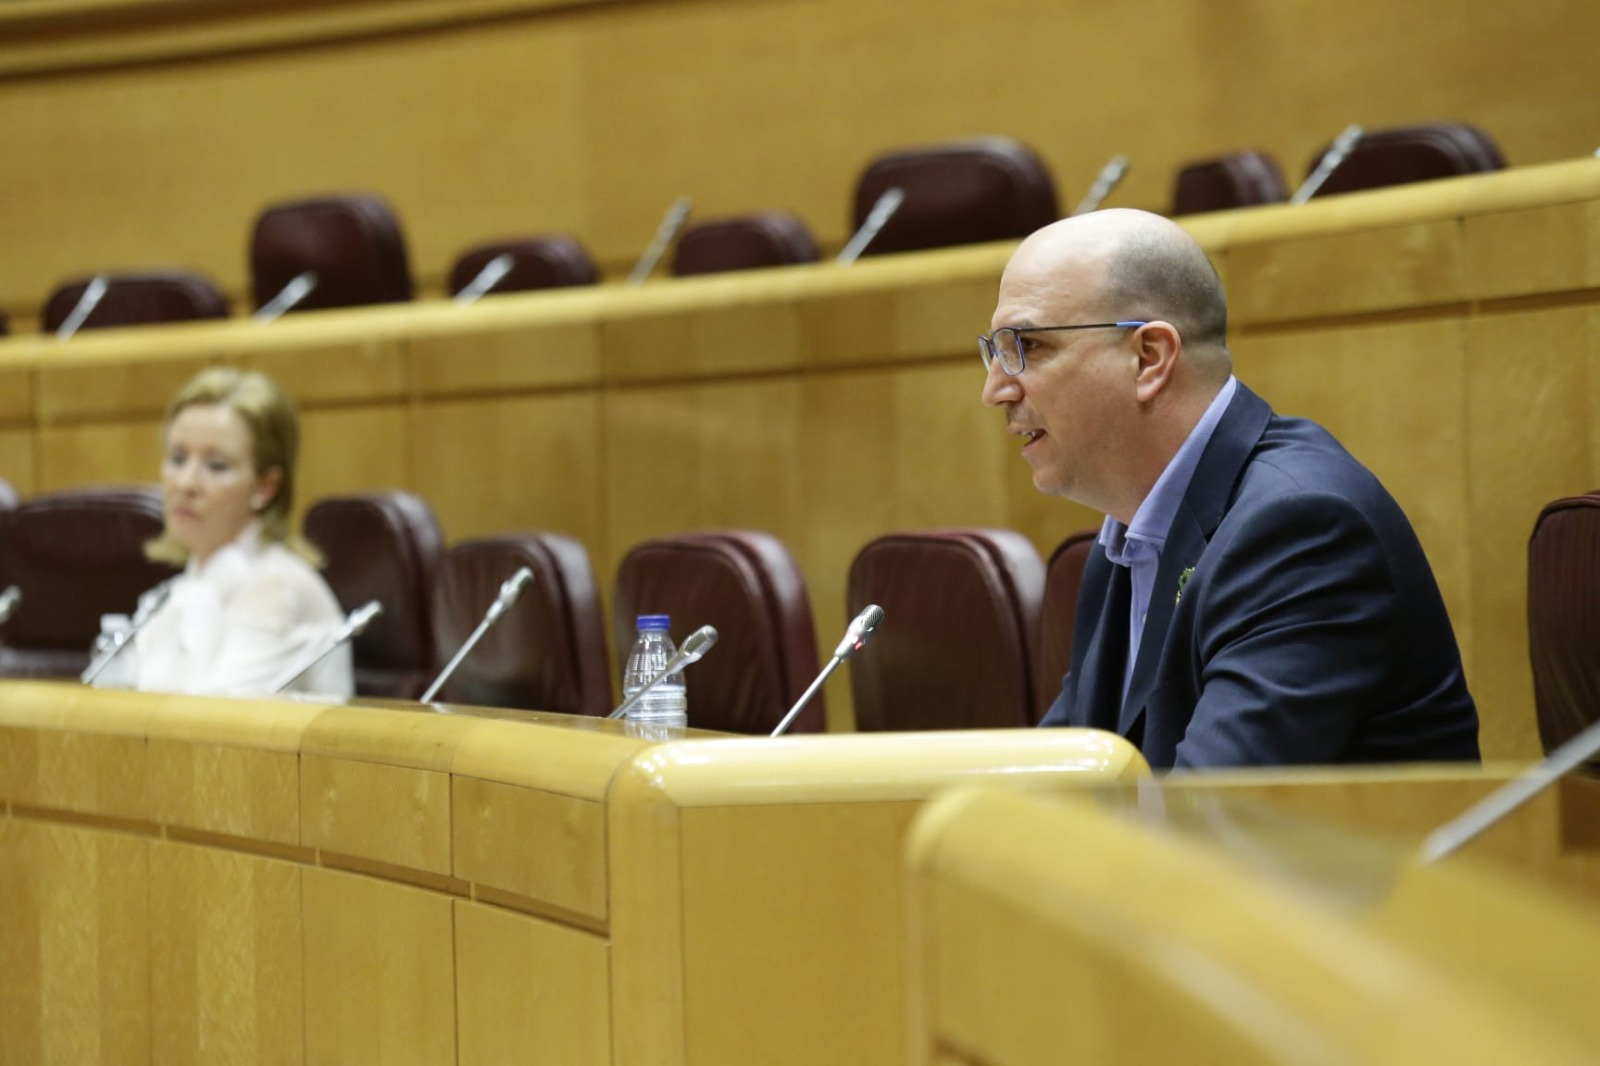 El senador de Teruel Existe Joaquín Egea en el Senado